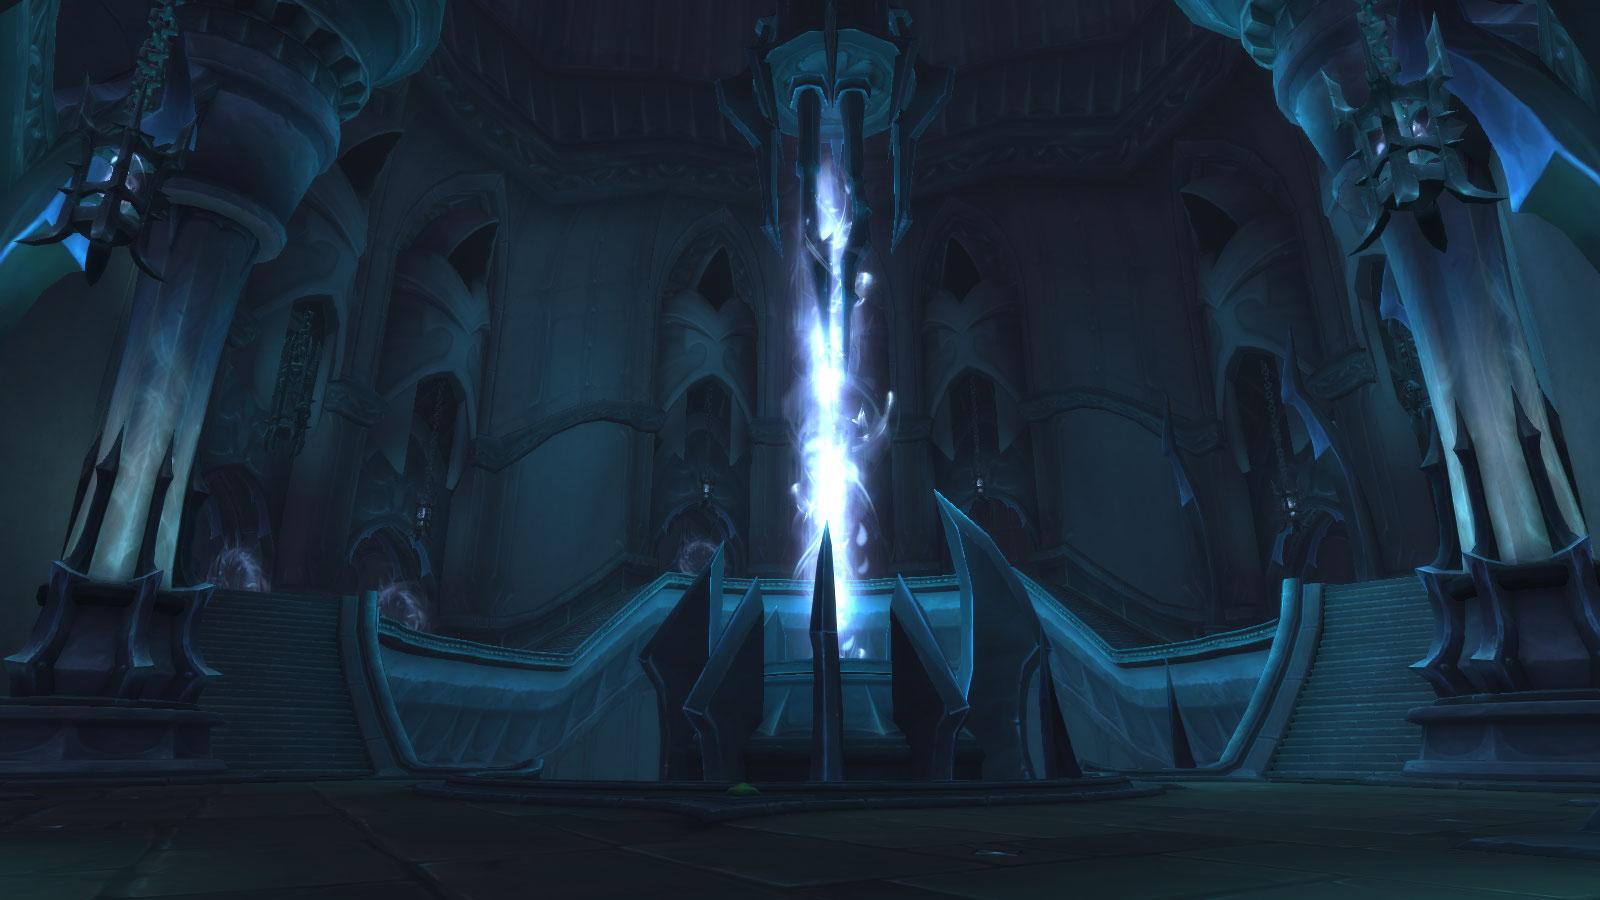 Salle des portails de Tourment, la tour des damnés